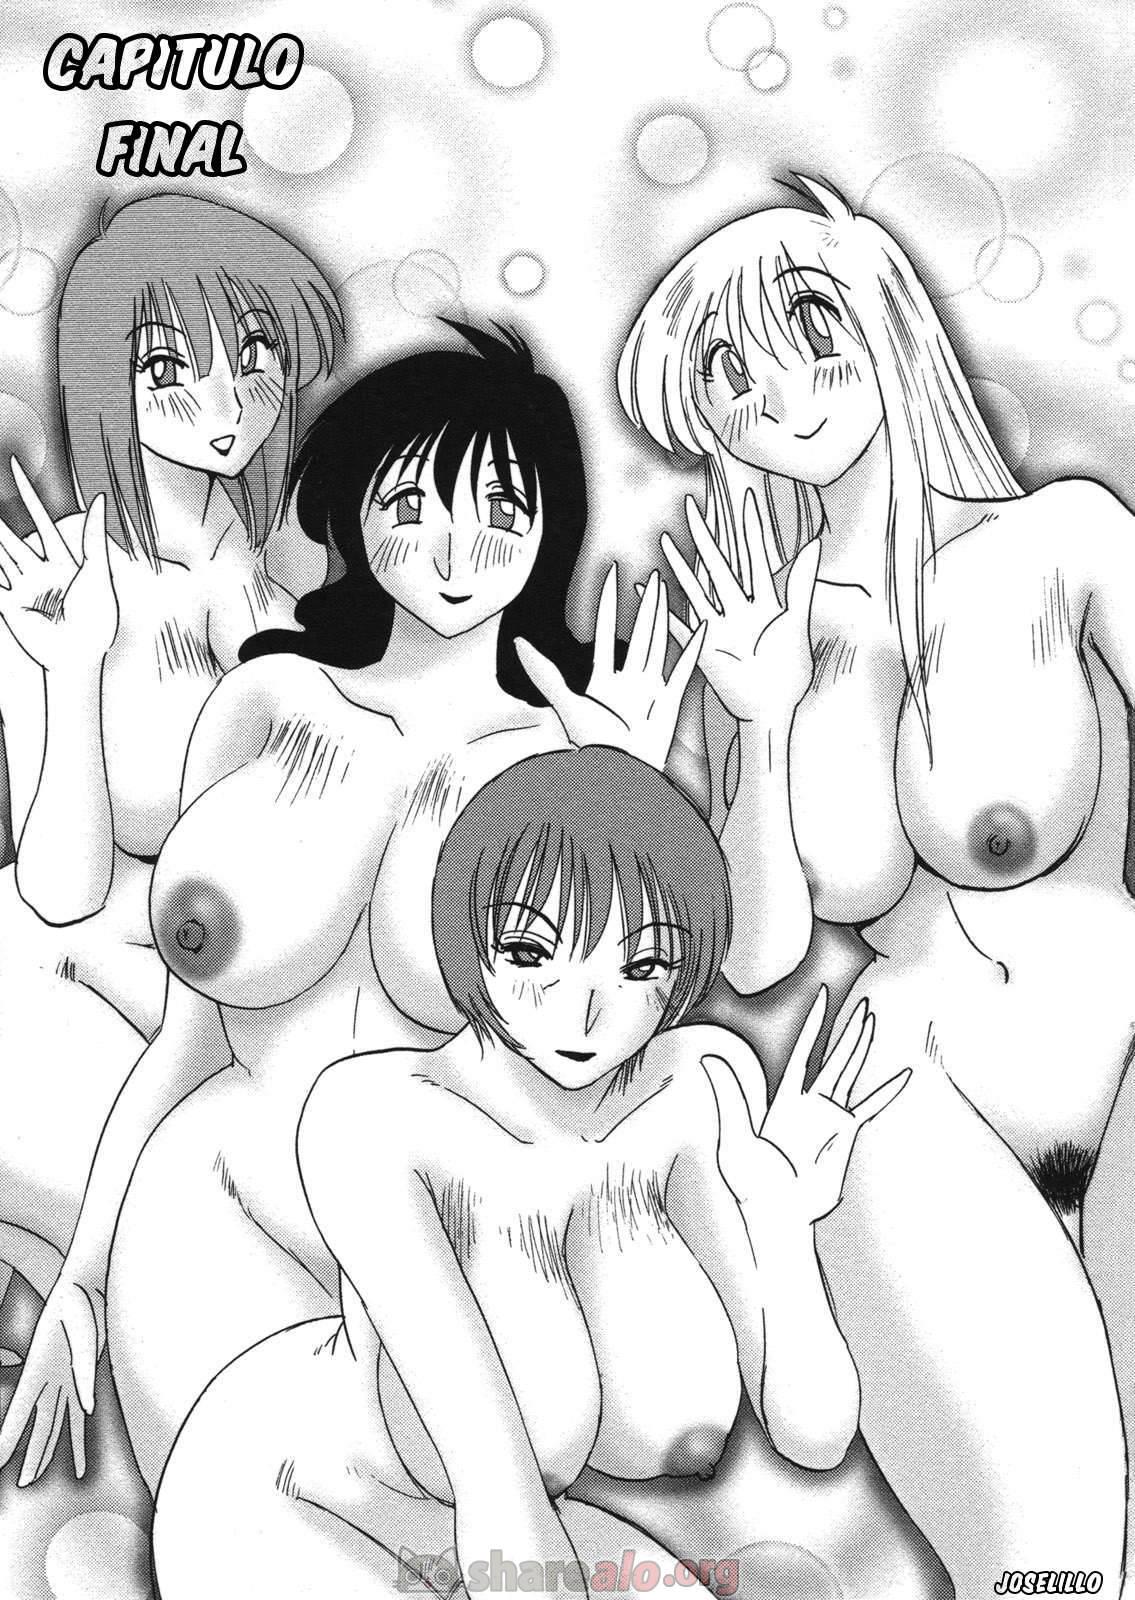 [ Boku no Aijin Manga Hentai de TsuyaTsuya ]: Comics Porno Manga Hentai [ oK33Gu7M ]